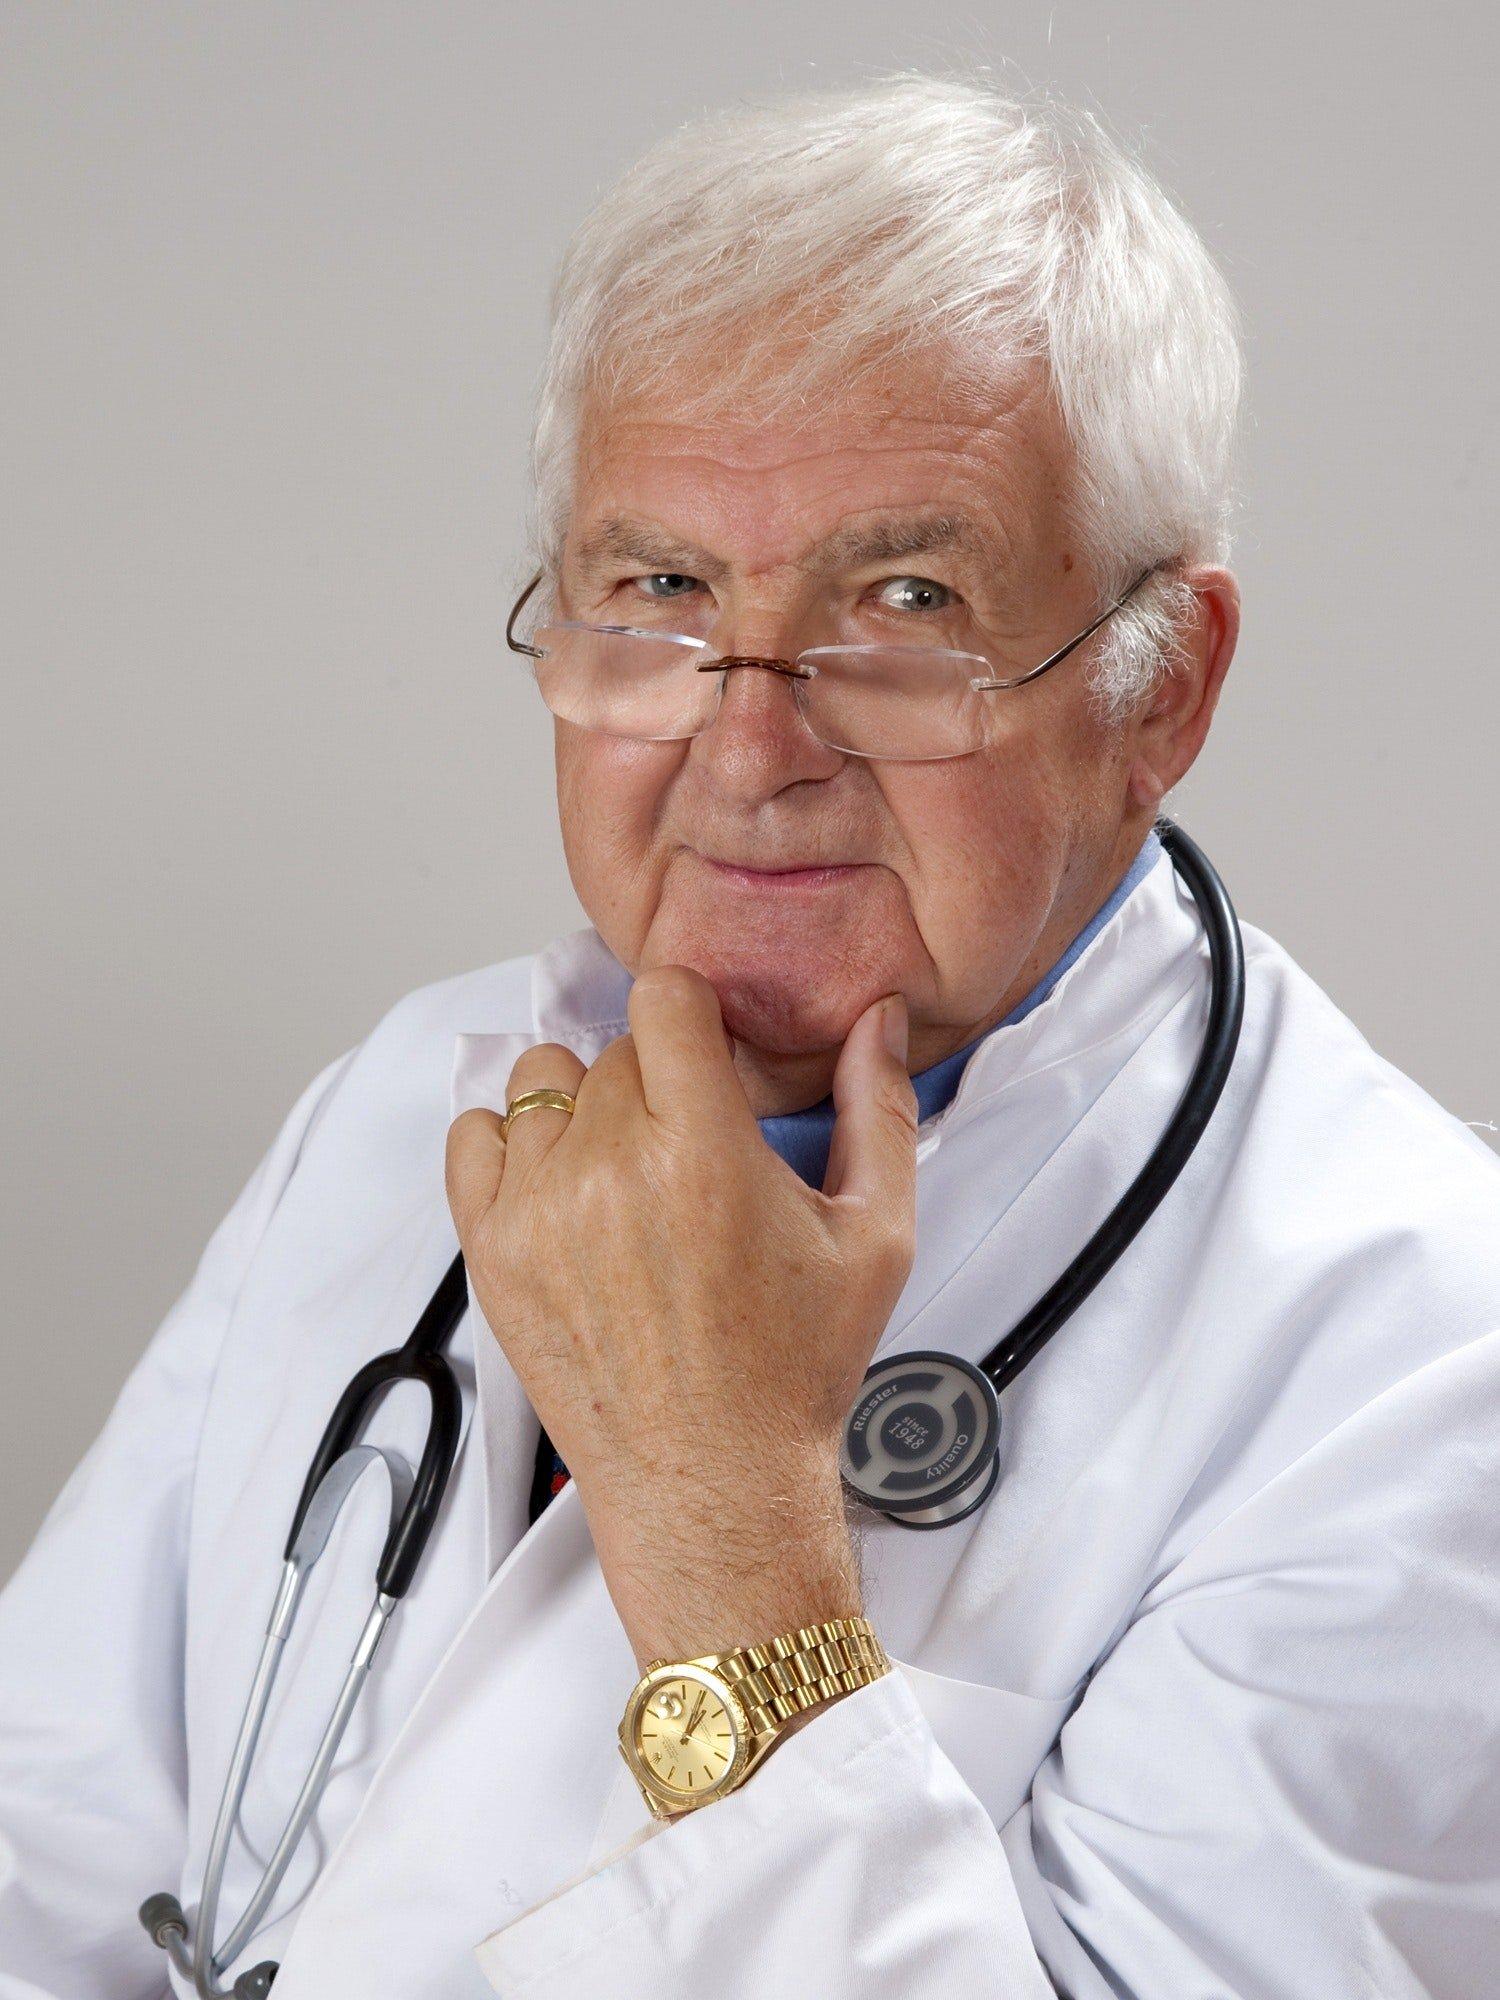 Älterer Arzt - Quelle: Pexels